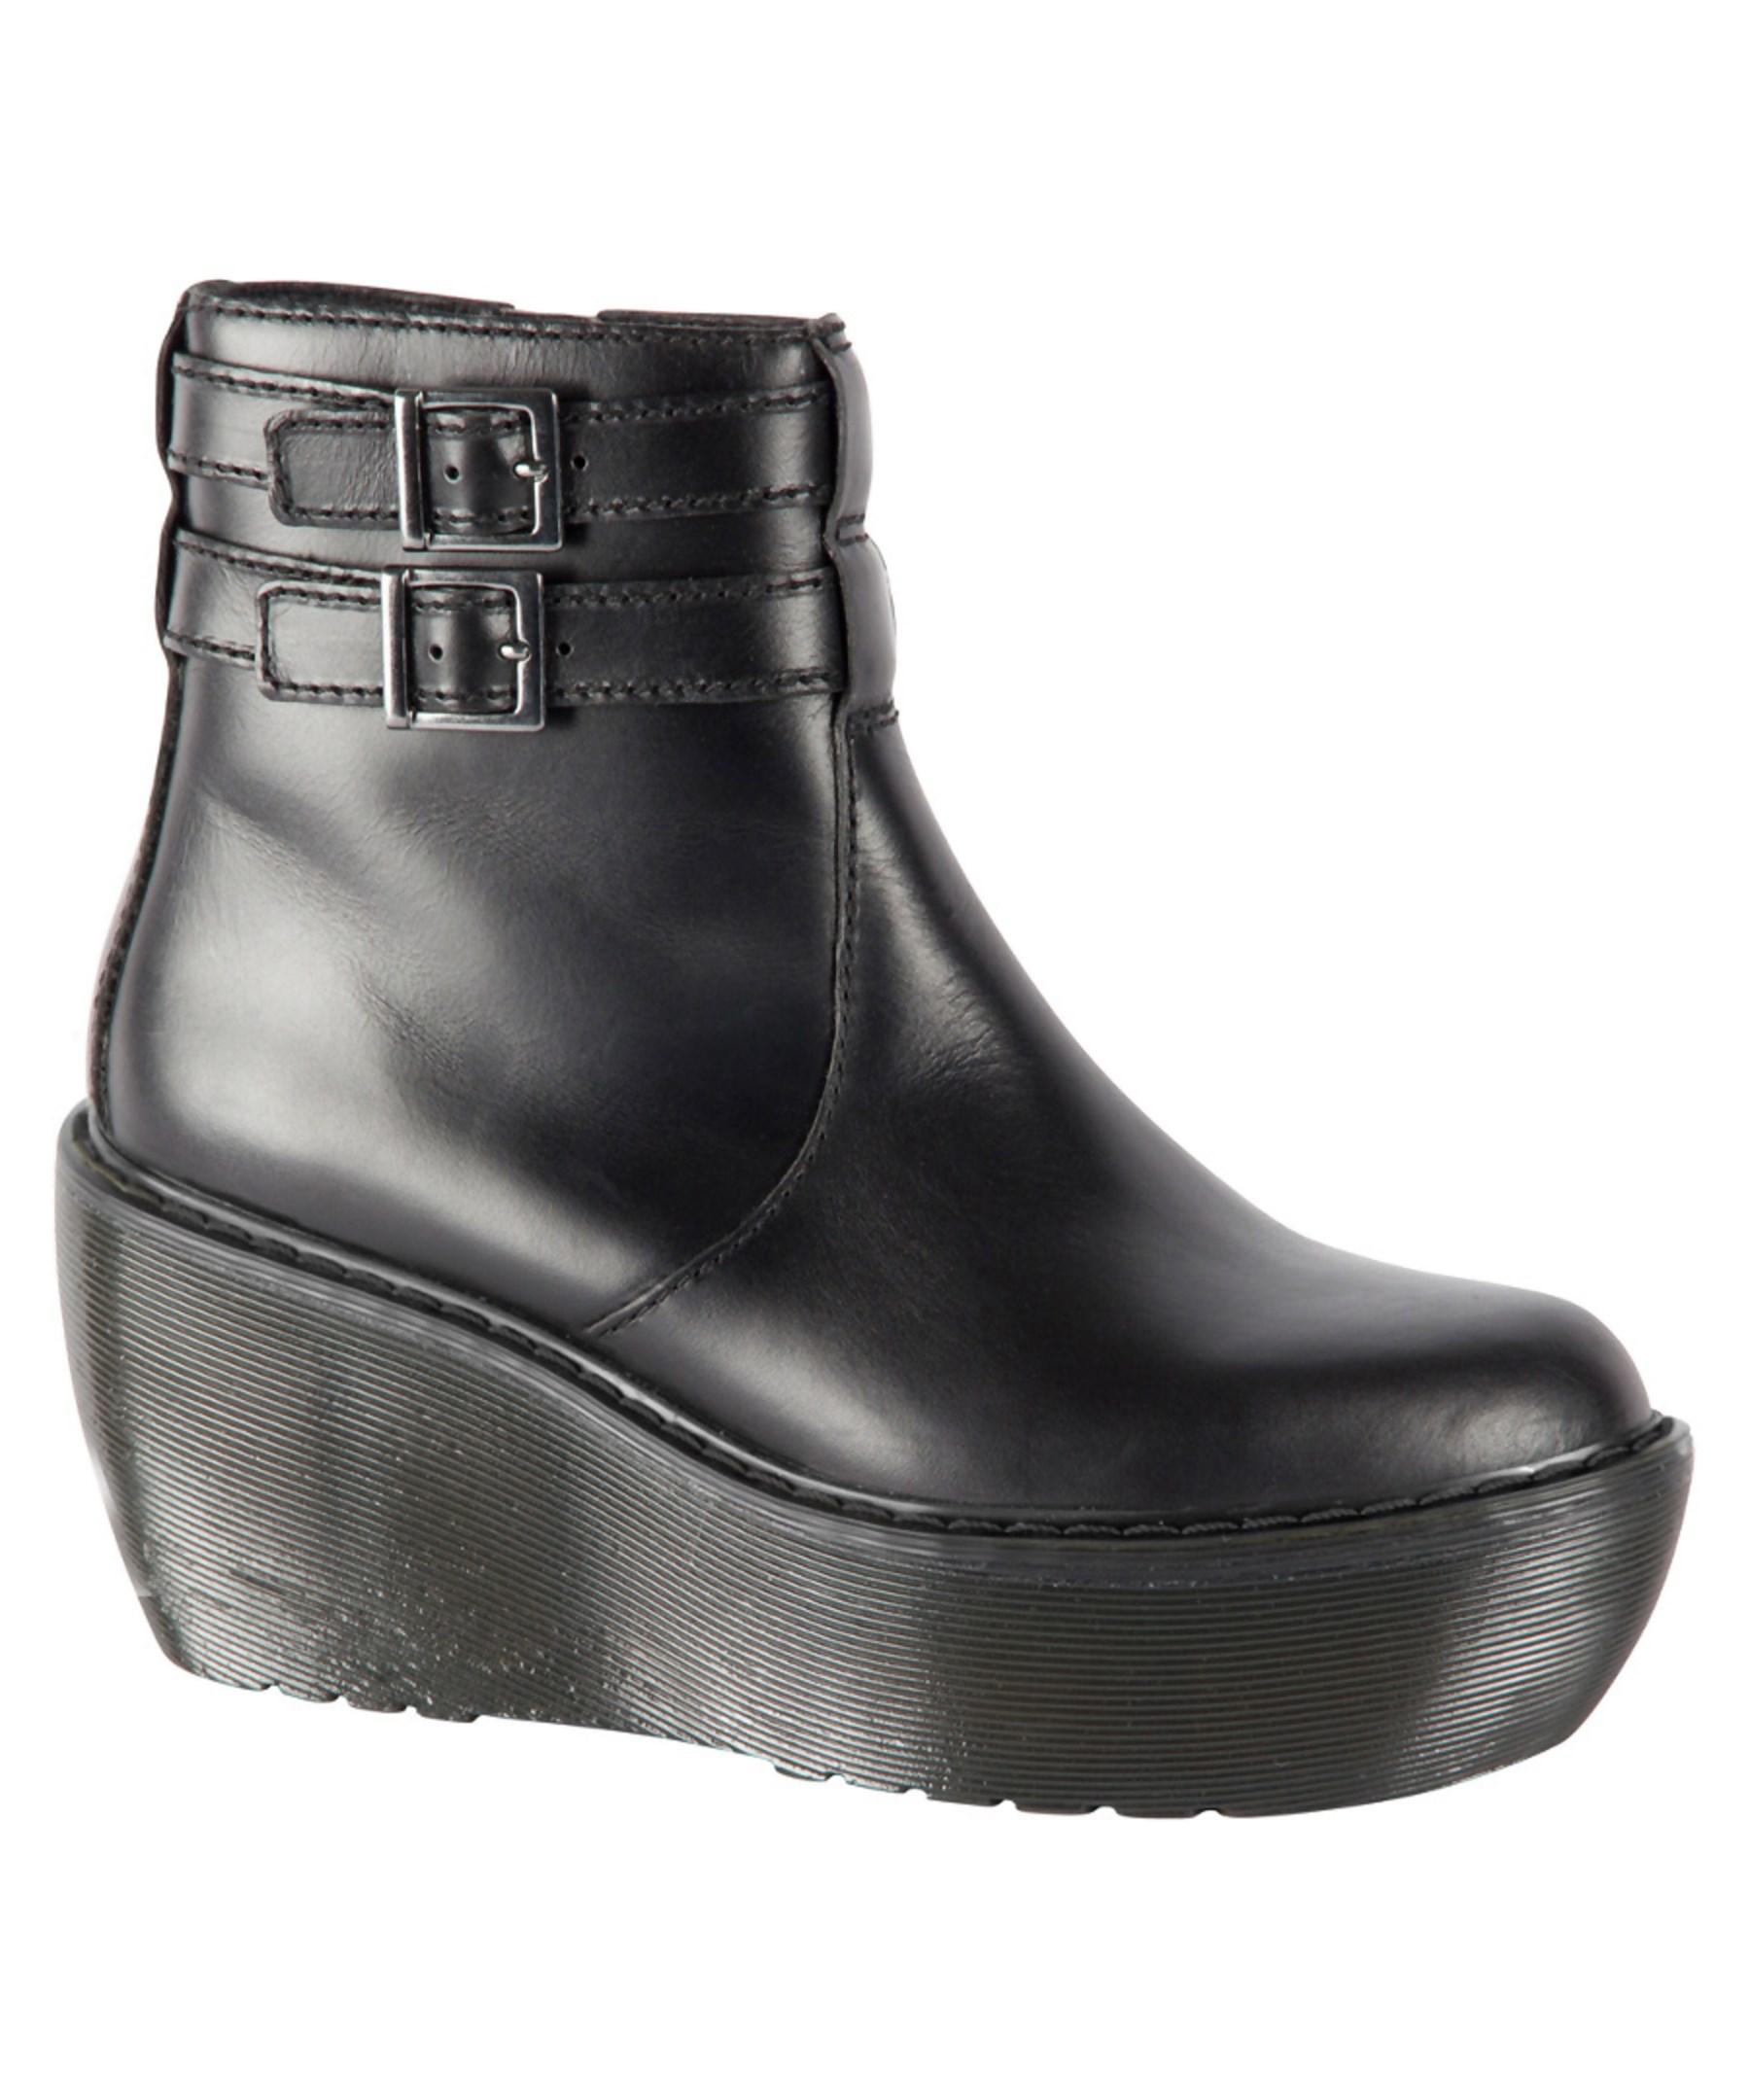 a398bcf0af7 Lyst - Dr. Martens Dr Marten s Caitlin Platform Leather Ankle Boot ...